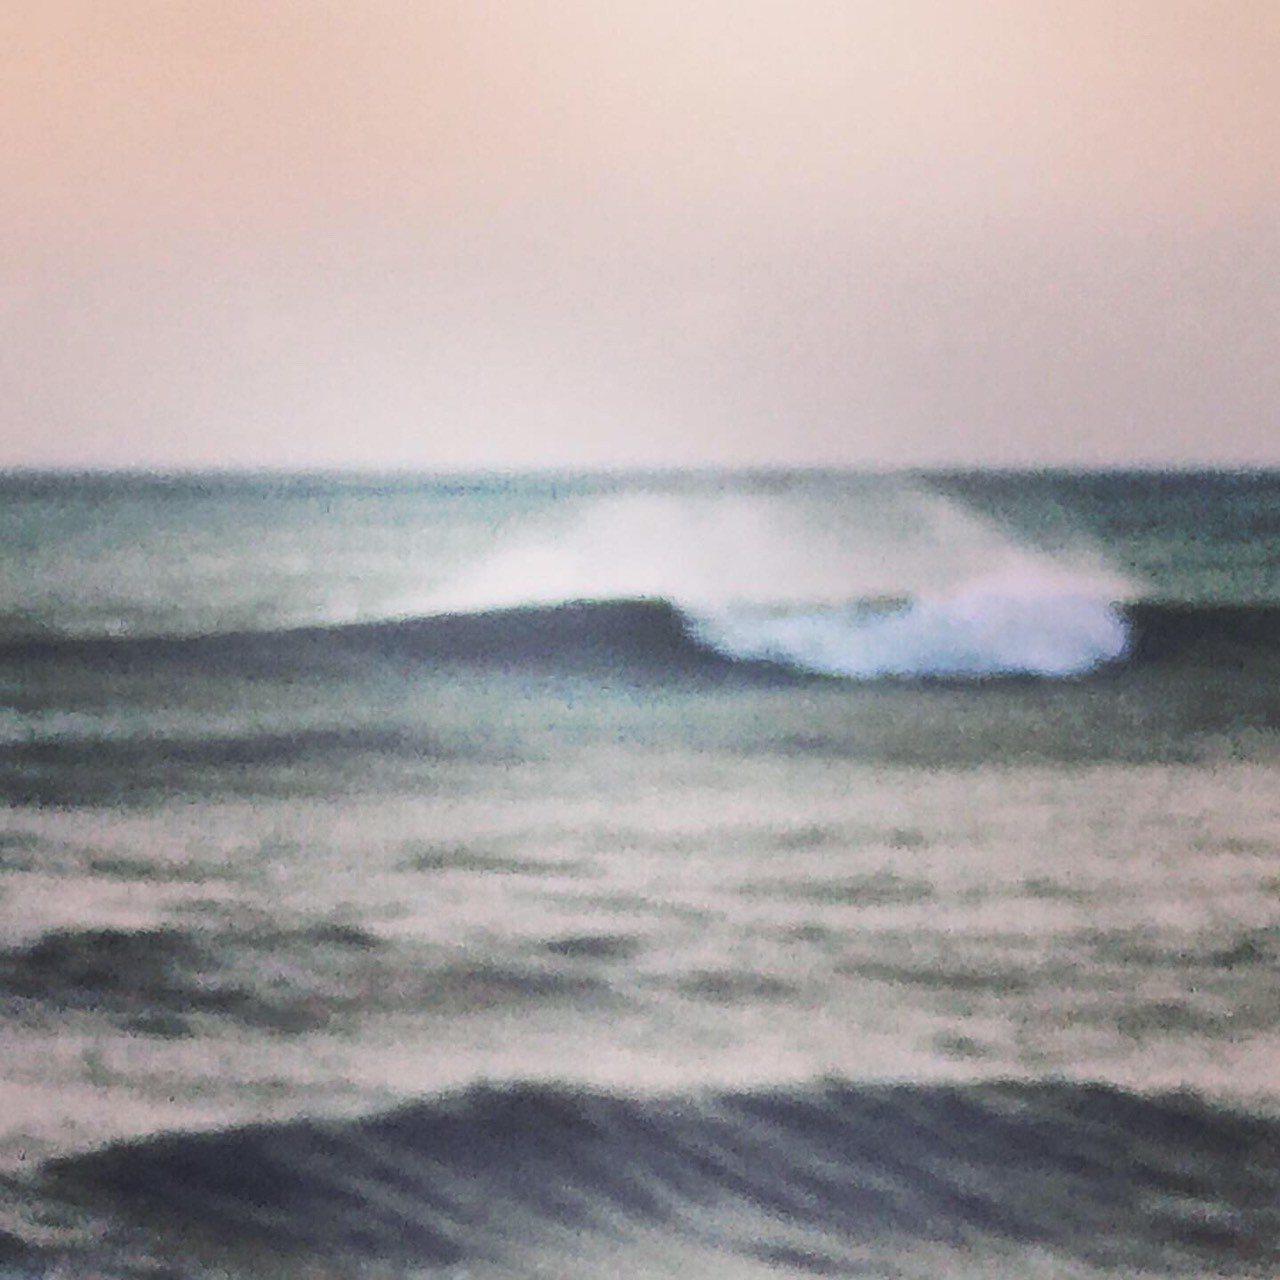 丹娜絲颱風直撲南台灣,屏東墾丁海岸今早出現長浪。記者潘欣中/翻攝